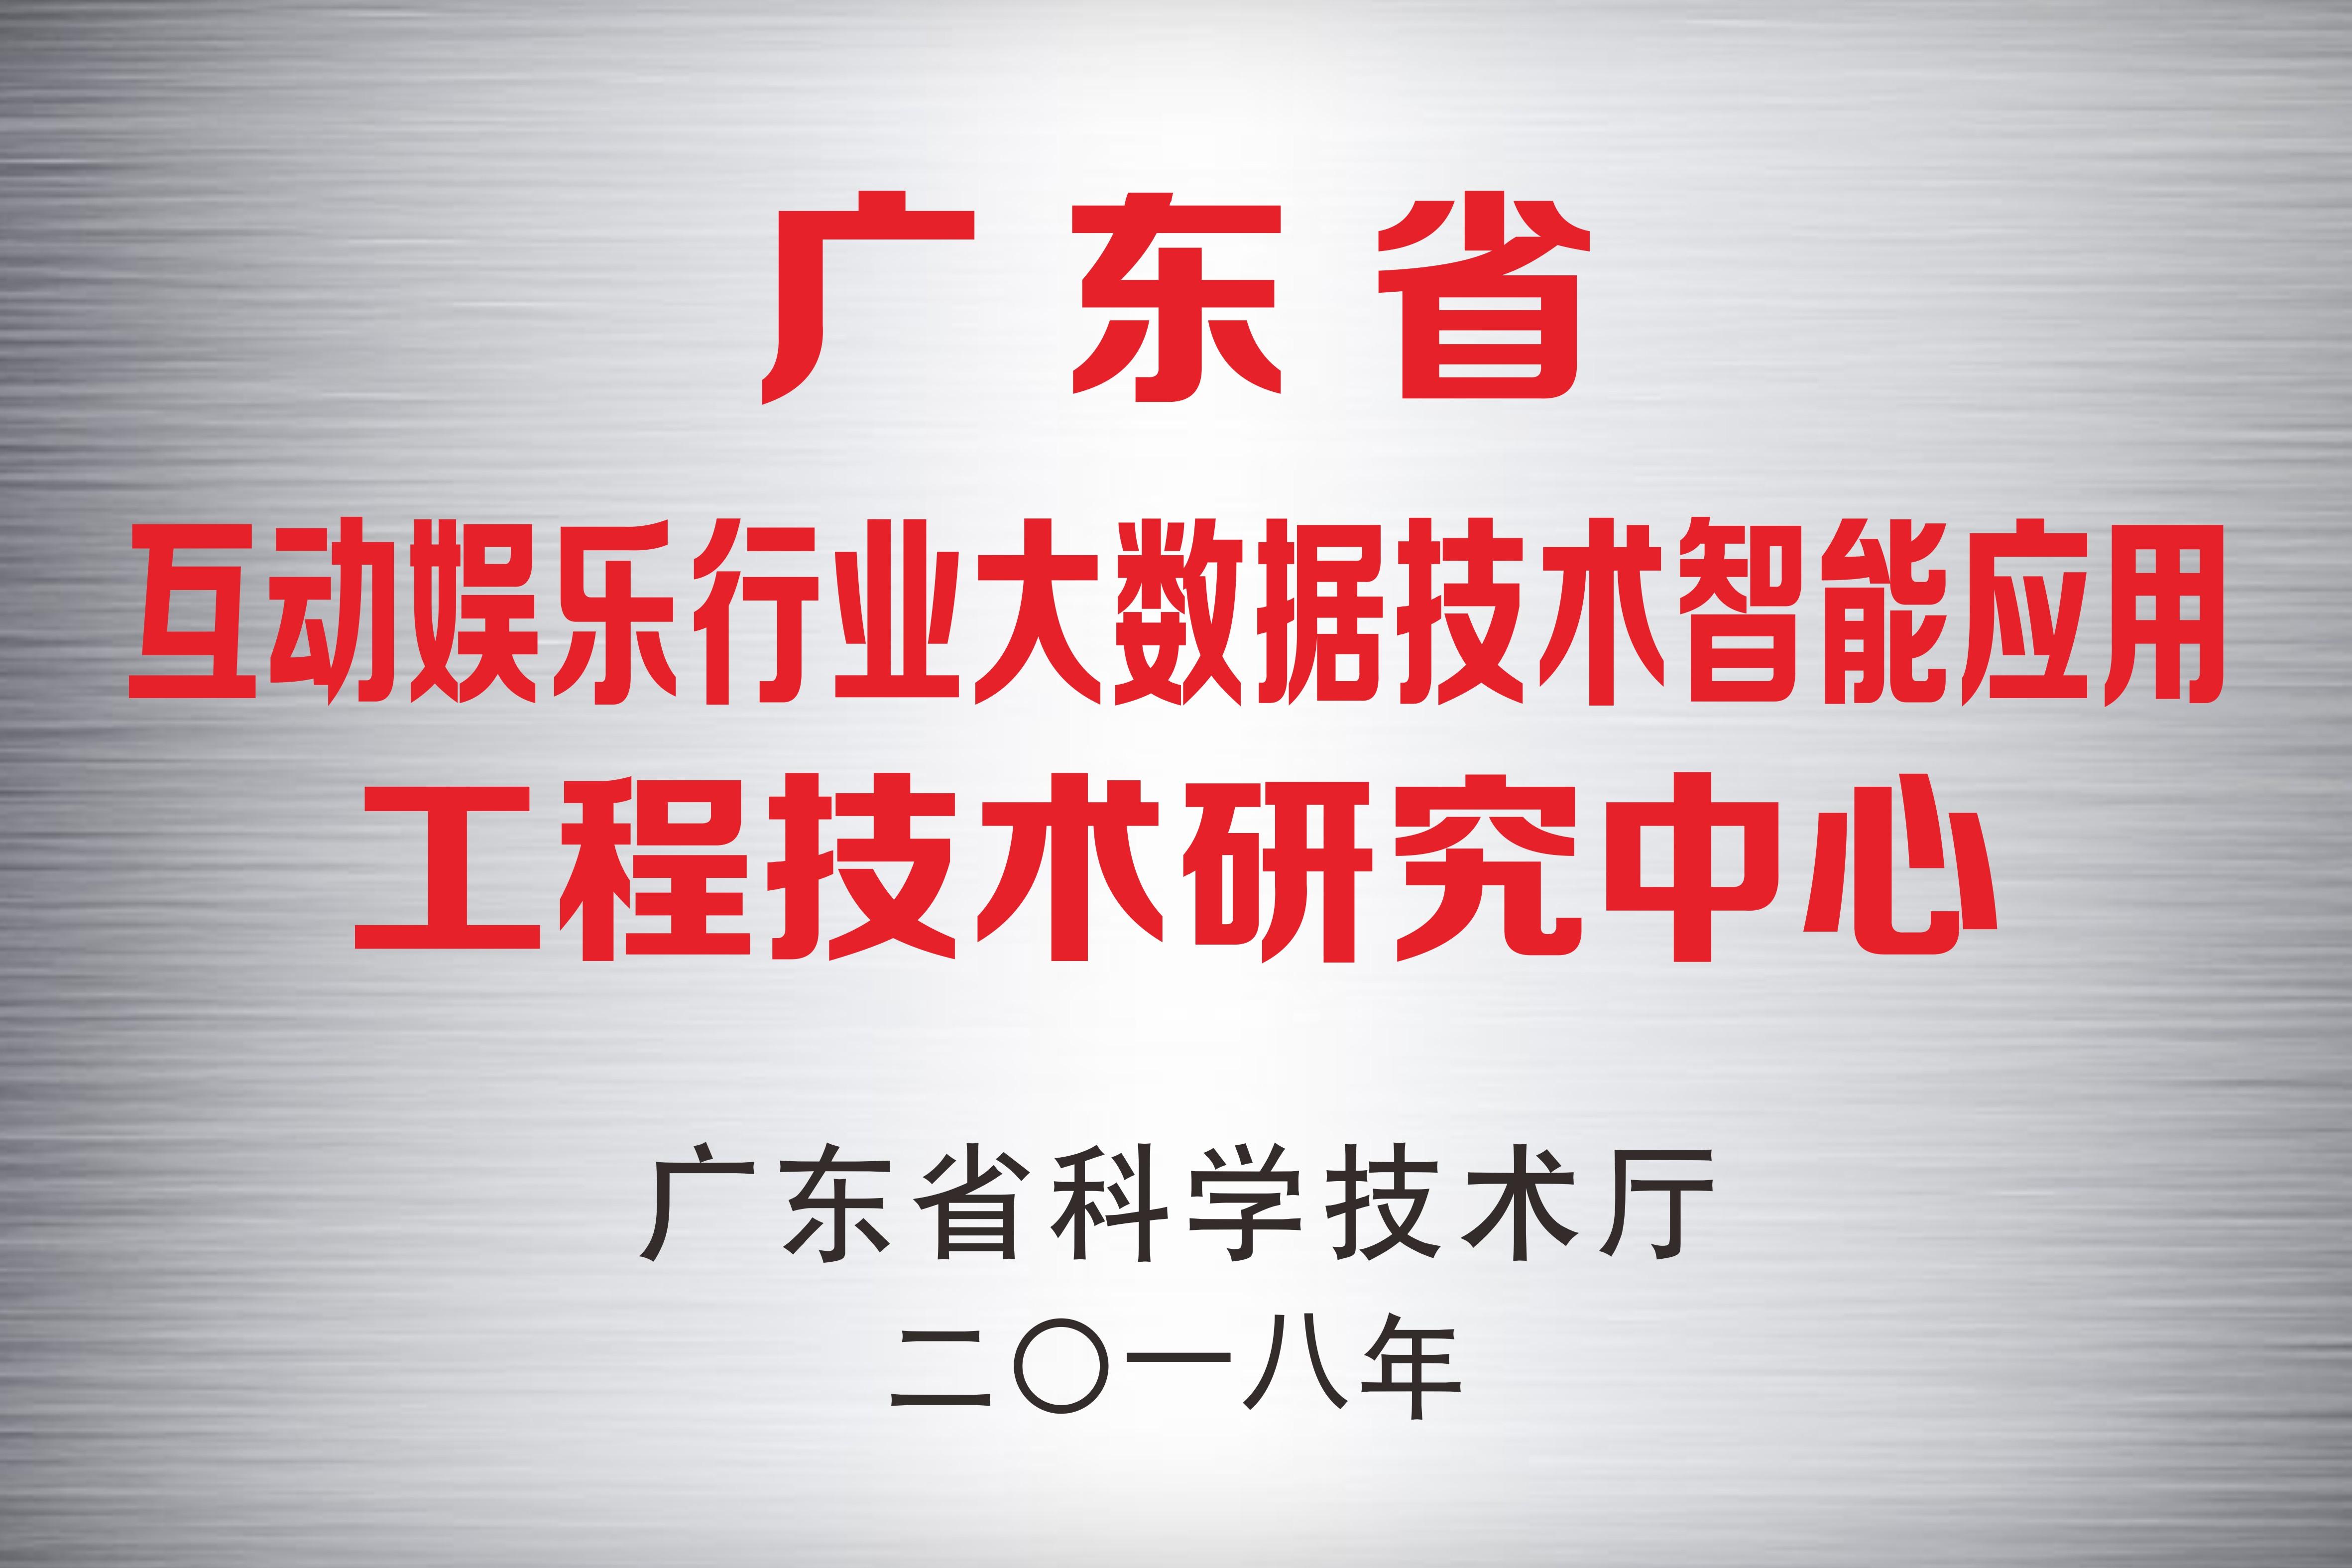 2018年广东省工程技术研究中心.JPG